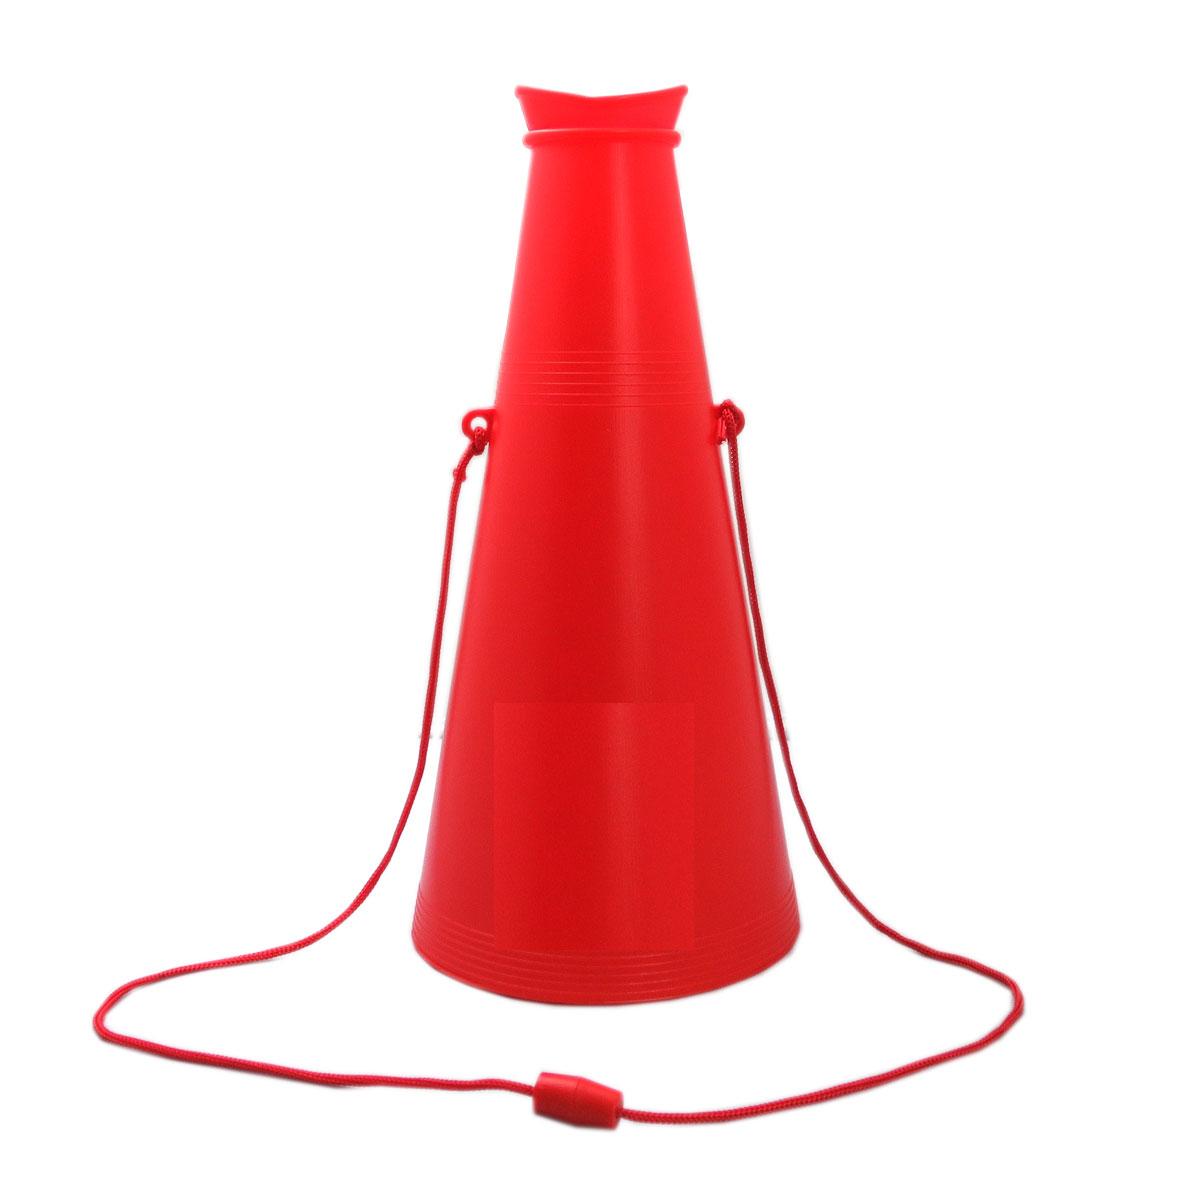 メガホン 赤 26cm 応援・学園祭・体育祭・運動会 140個セット販売